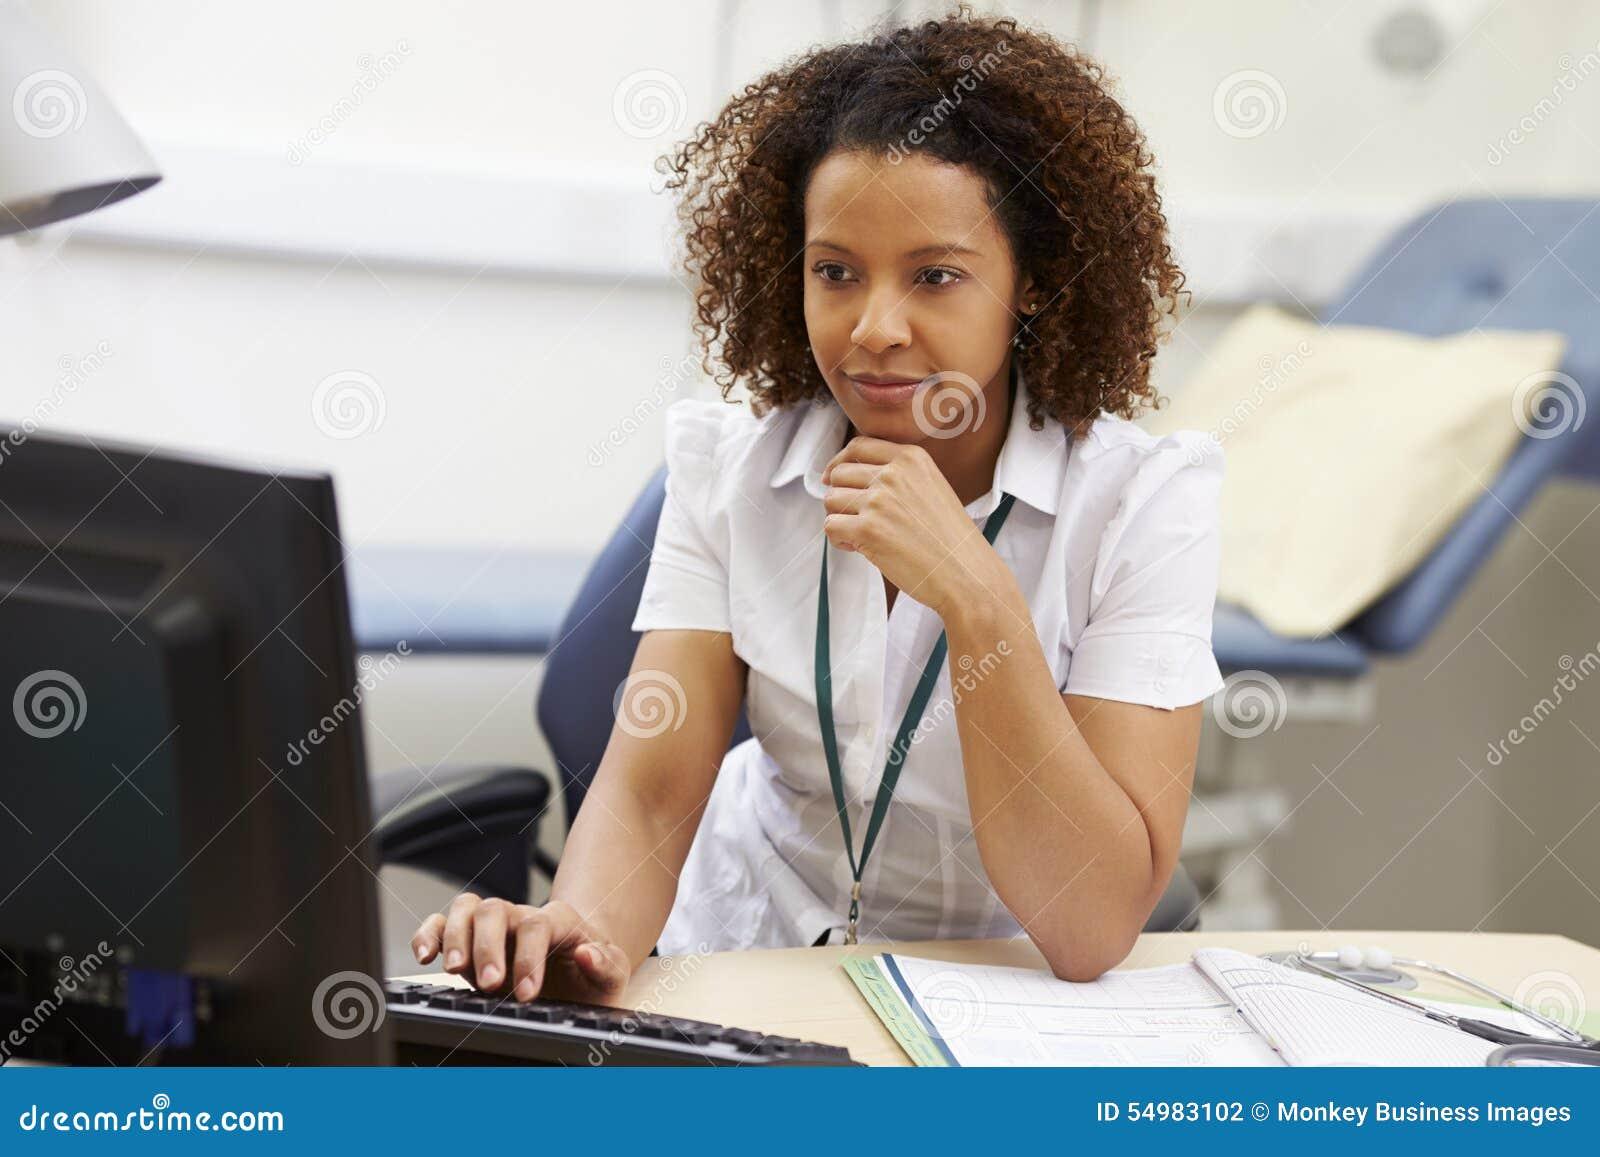 Kvinnlig konsulent Working At Desk i regeringsställning